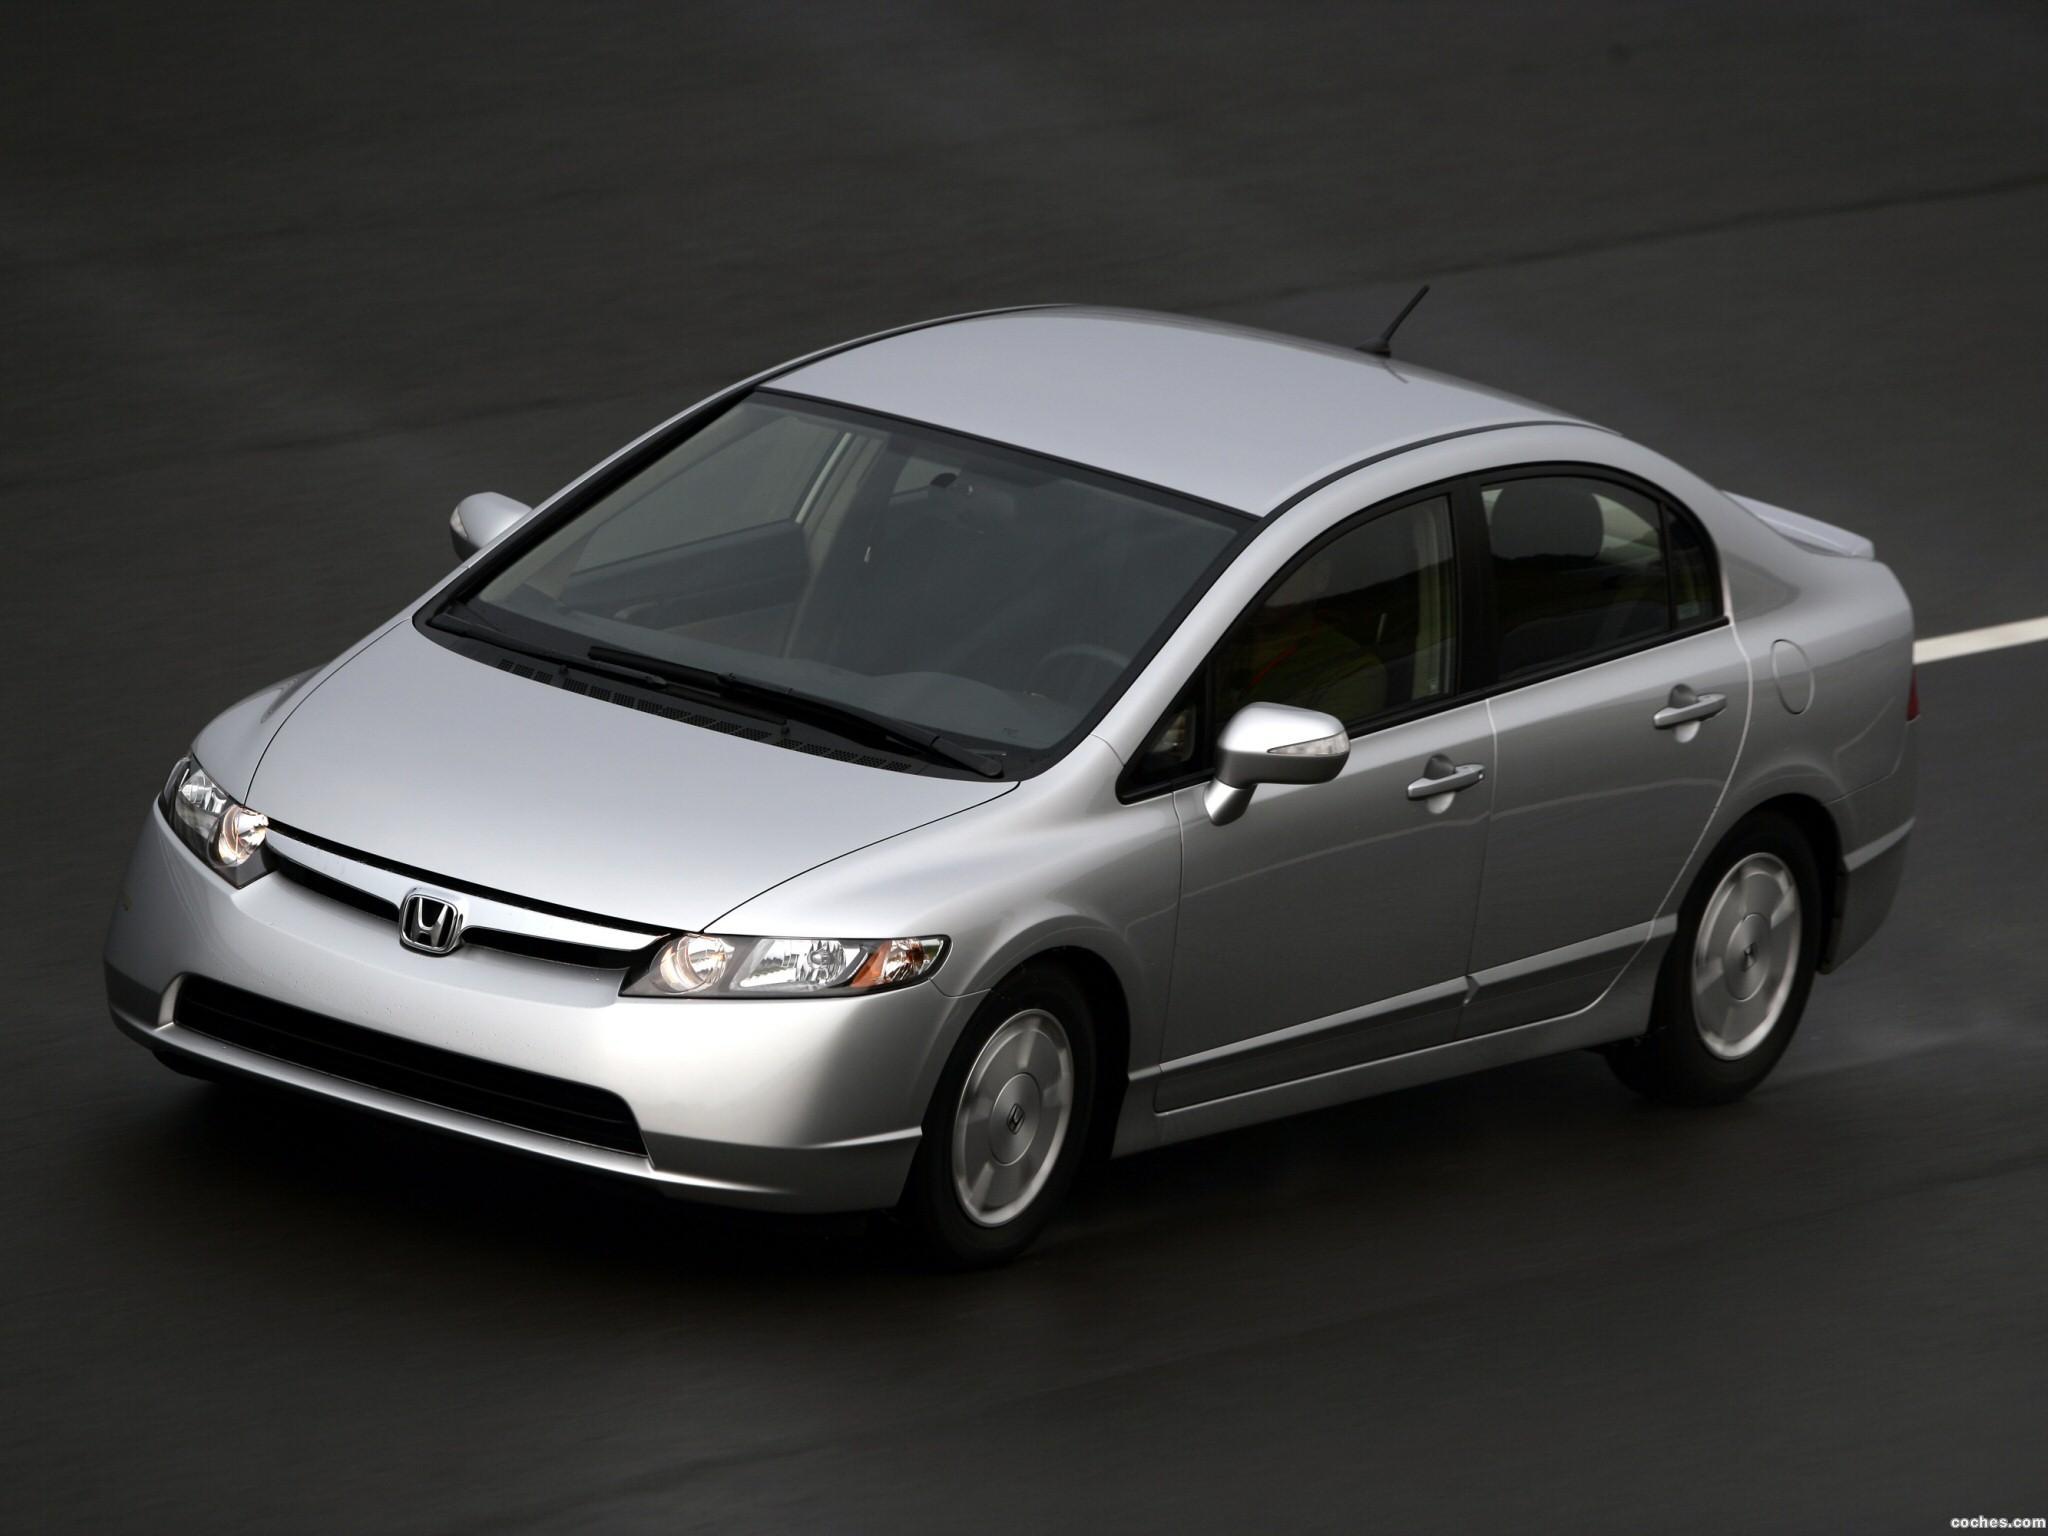 Foto 2 de Honda Civic Hybrid USA 2006